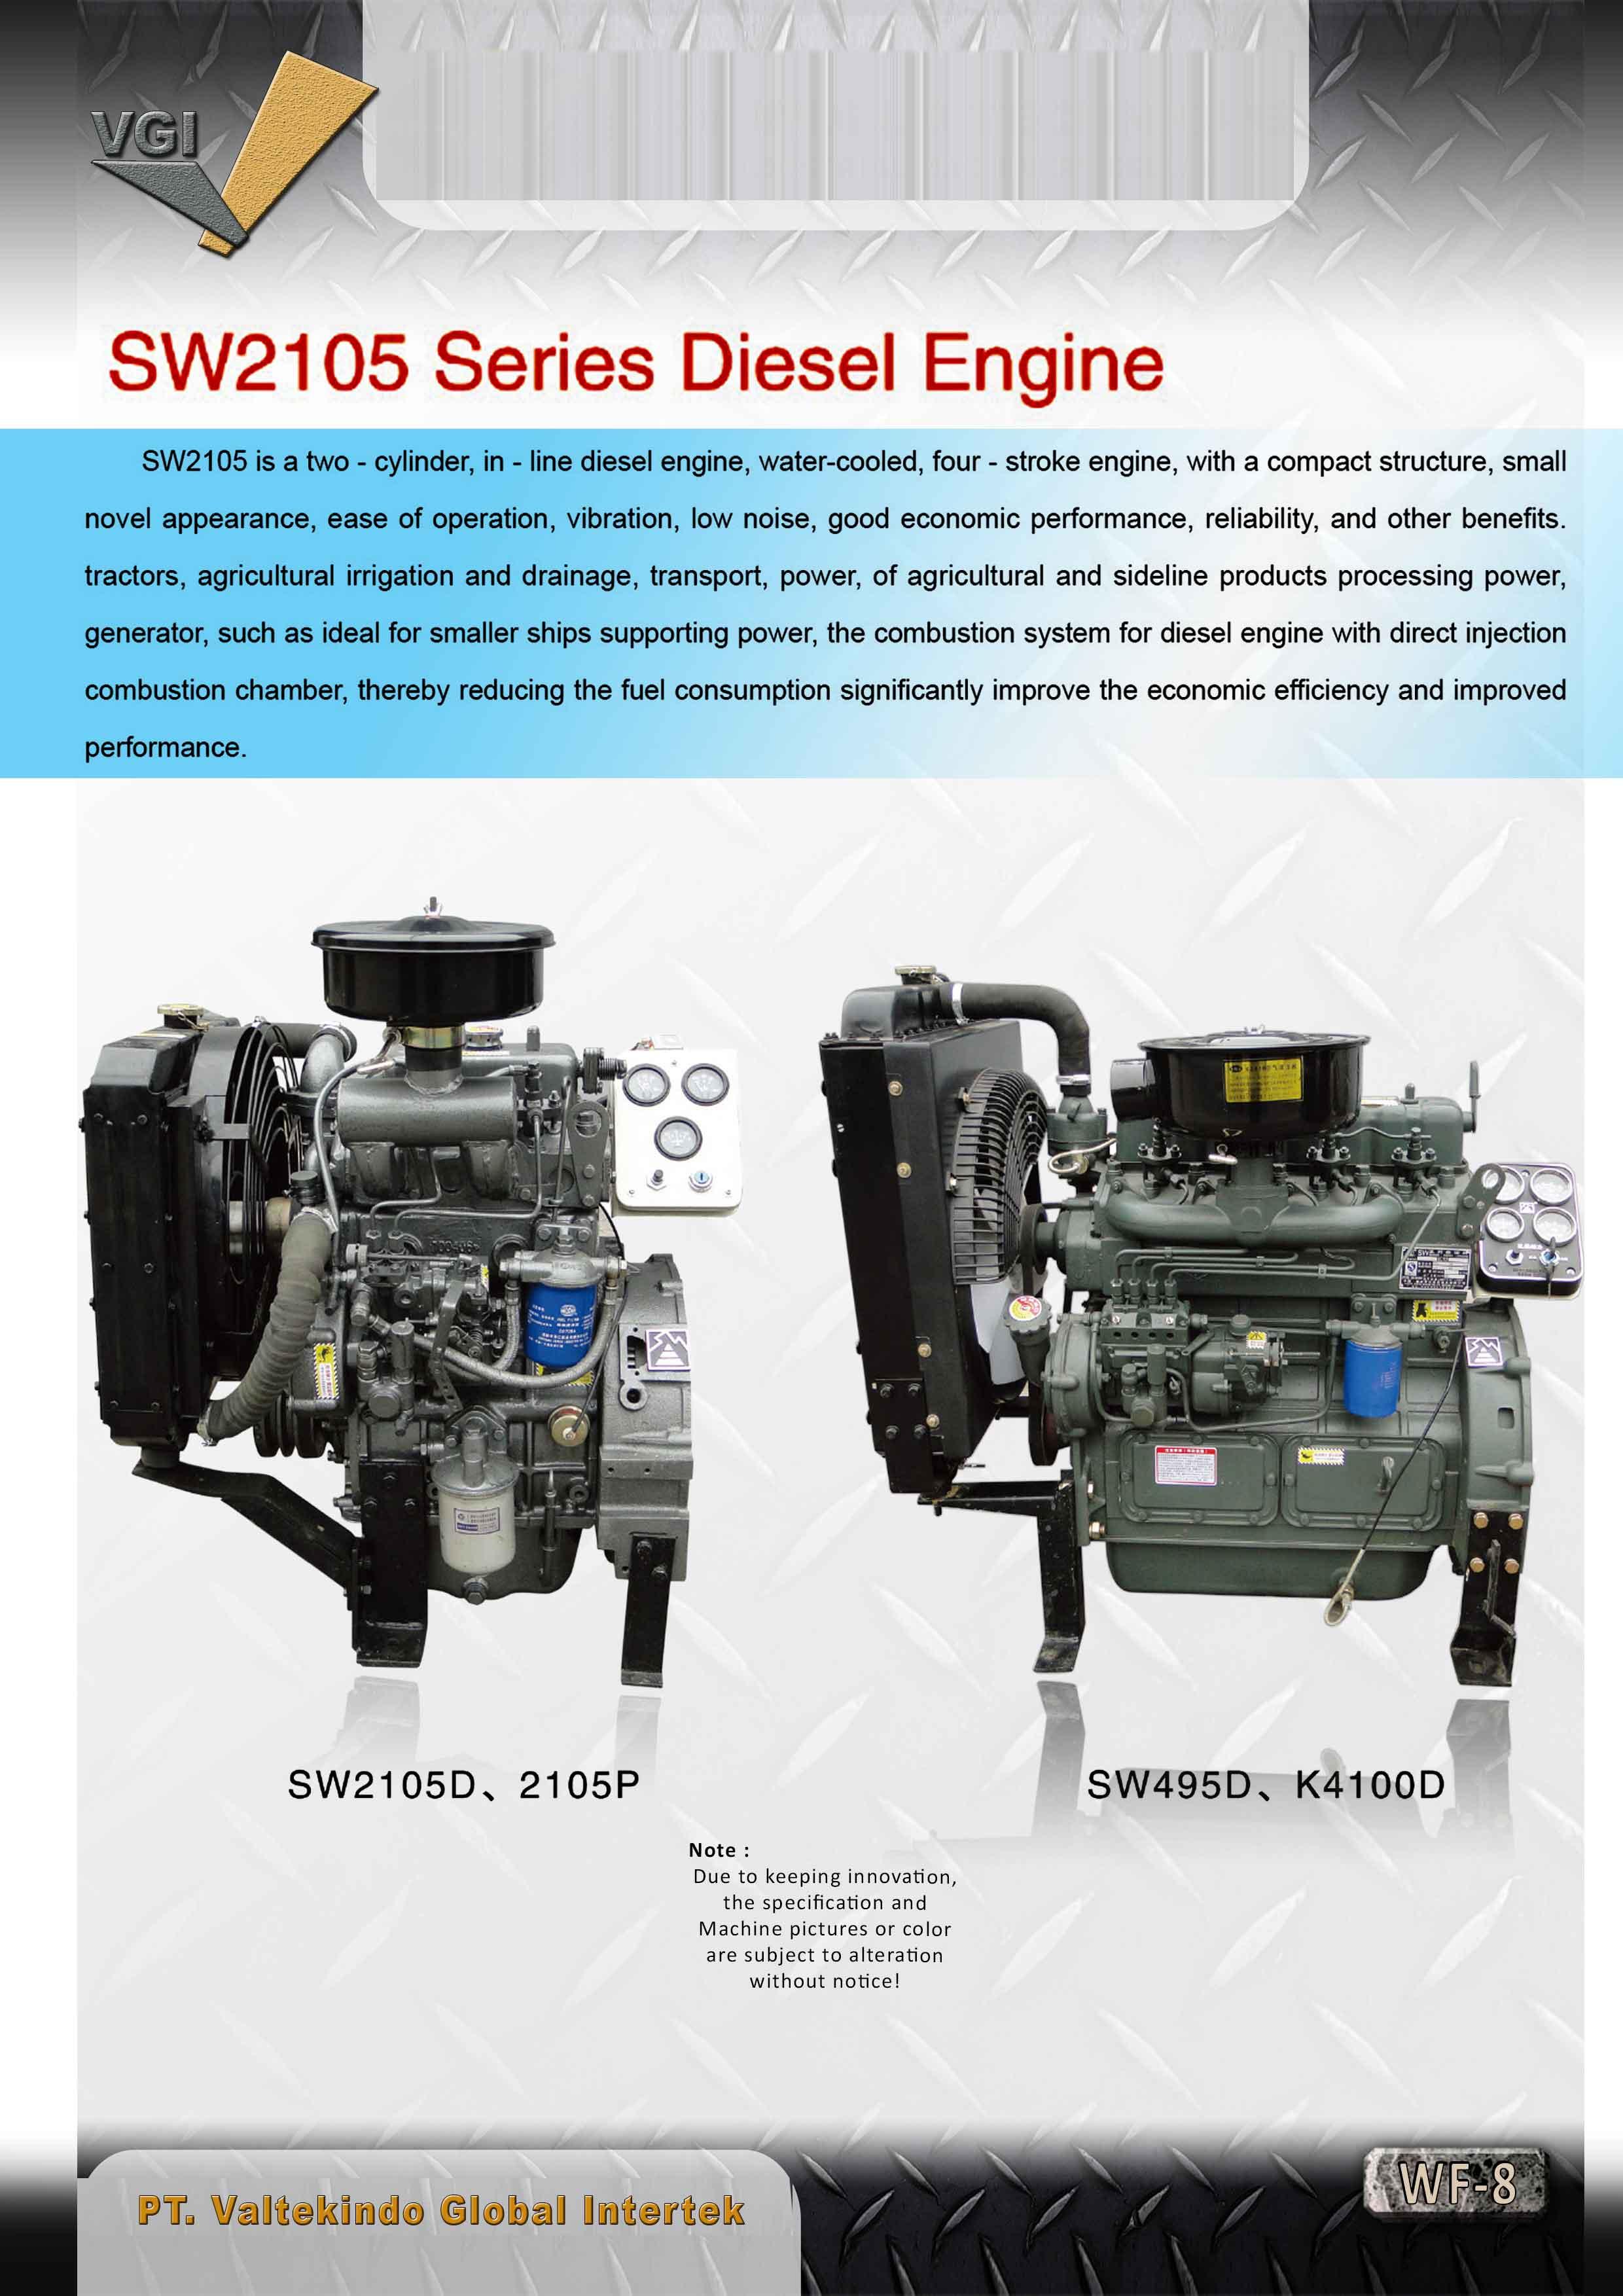 jual mesin, harga mesin, distributor mesin, jual mesin karet, daur ulang plastik SW2105 Series Diesel Engine SW2105 Series Diesel Engine